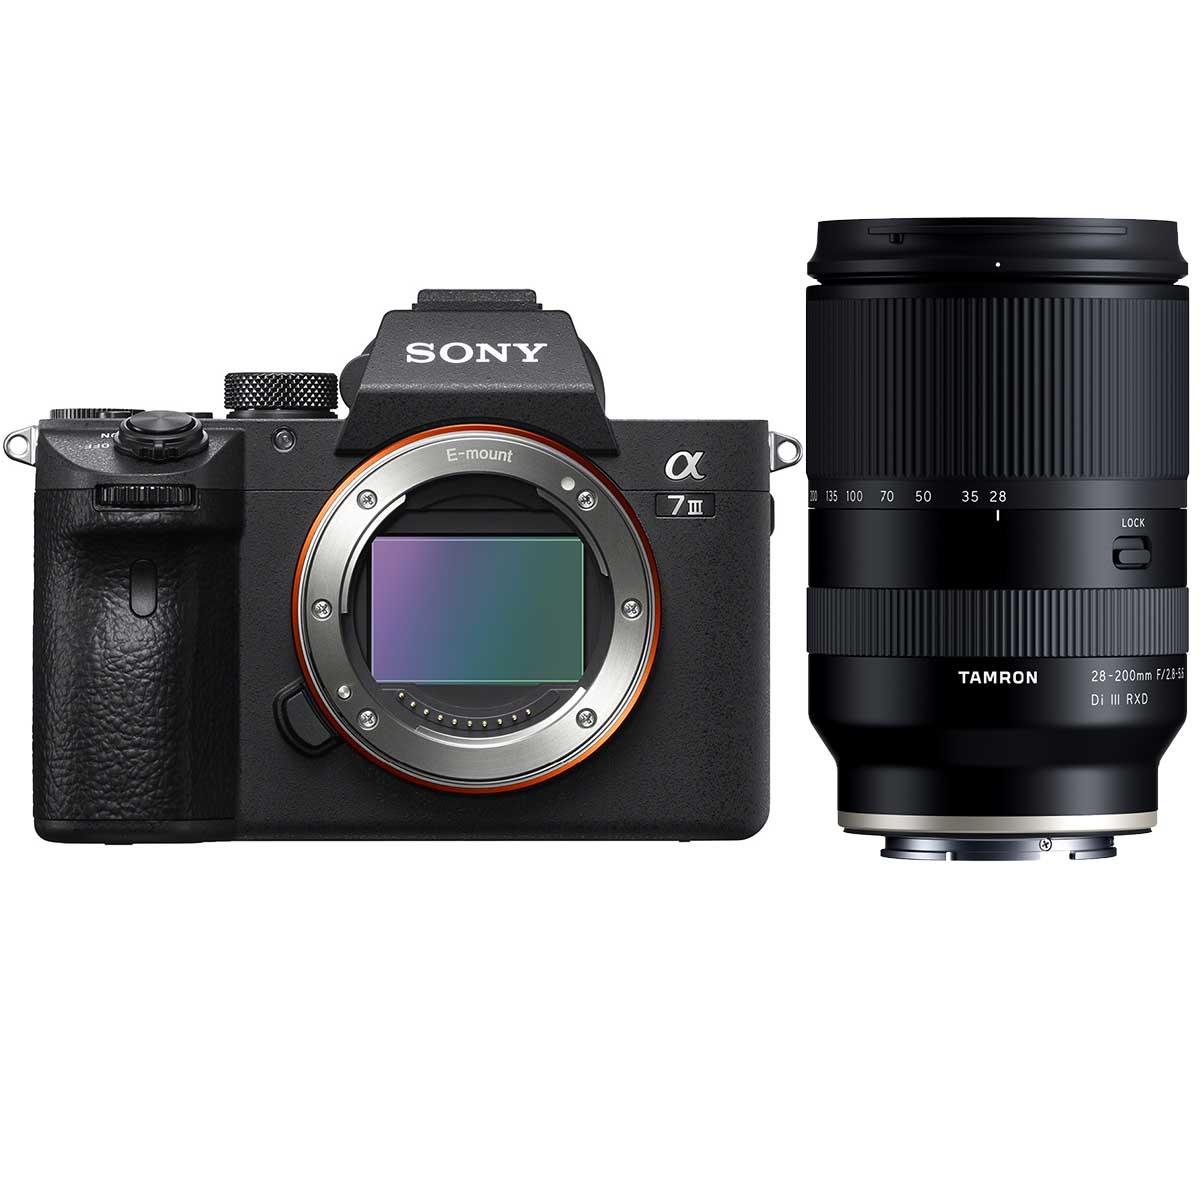 Sony Alpha 7 III + Tamron 28-200mm 1:2,8-5,6 Di III RXD